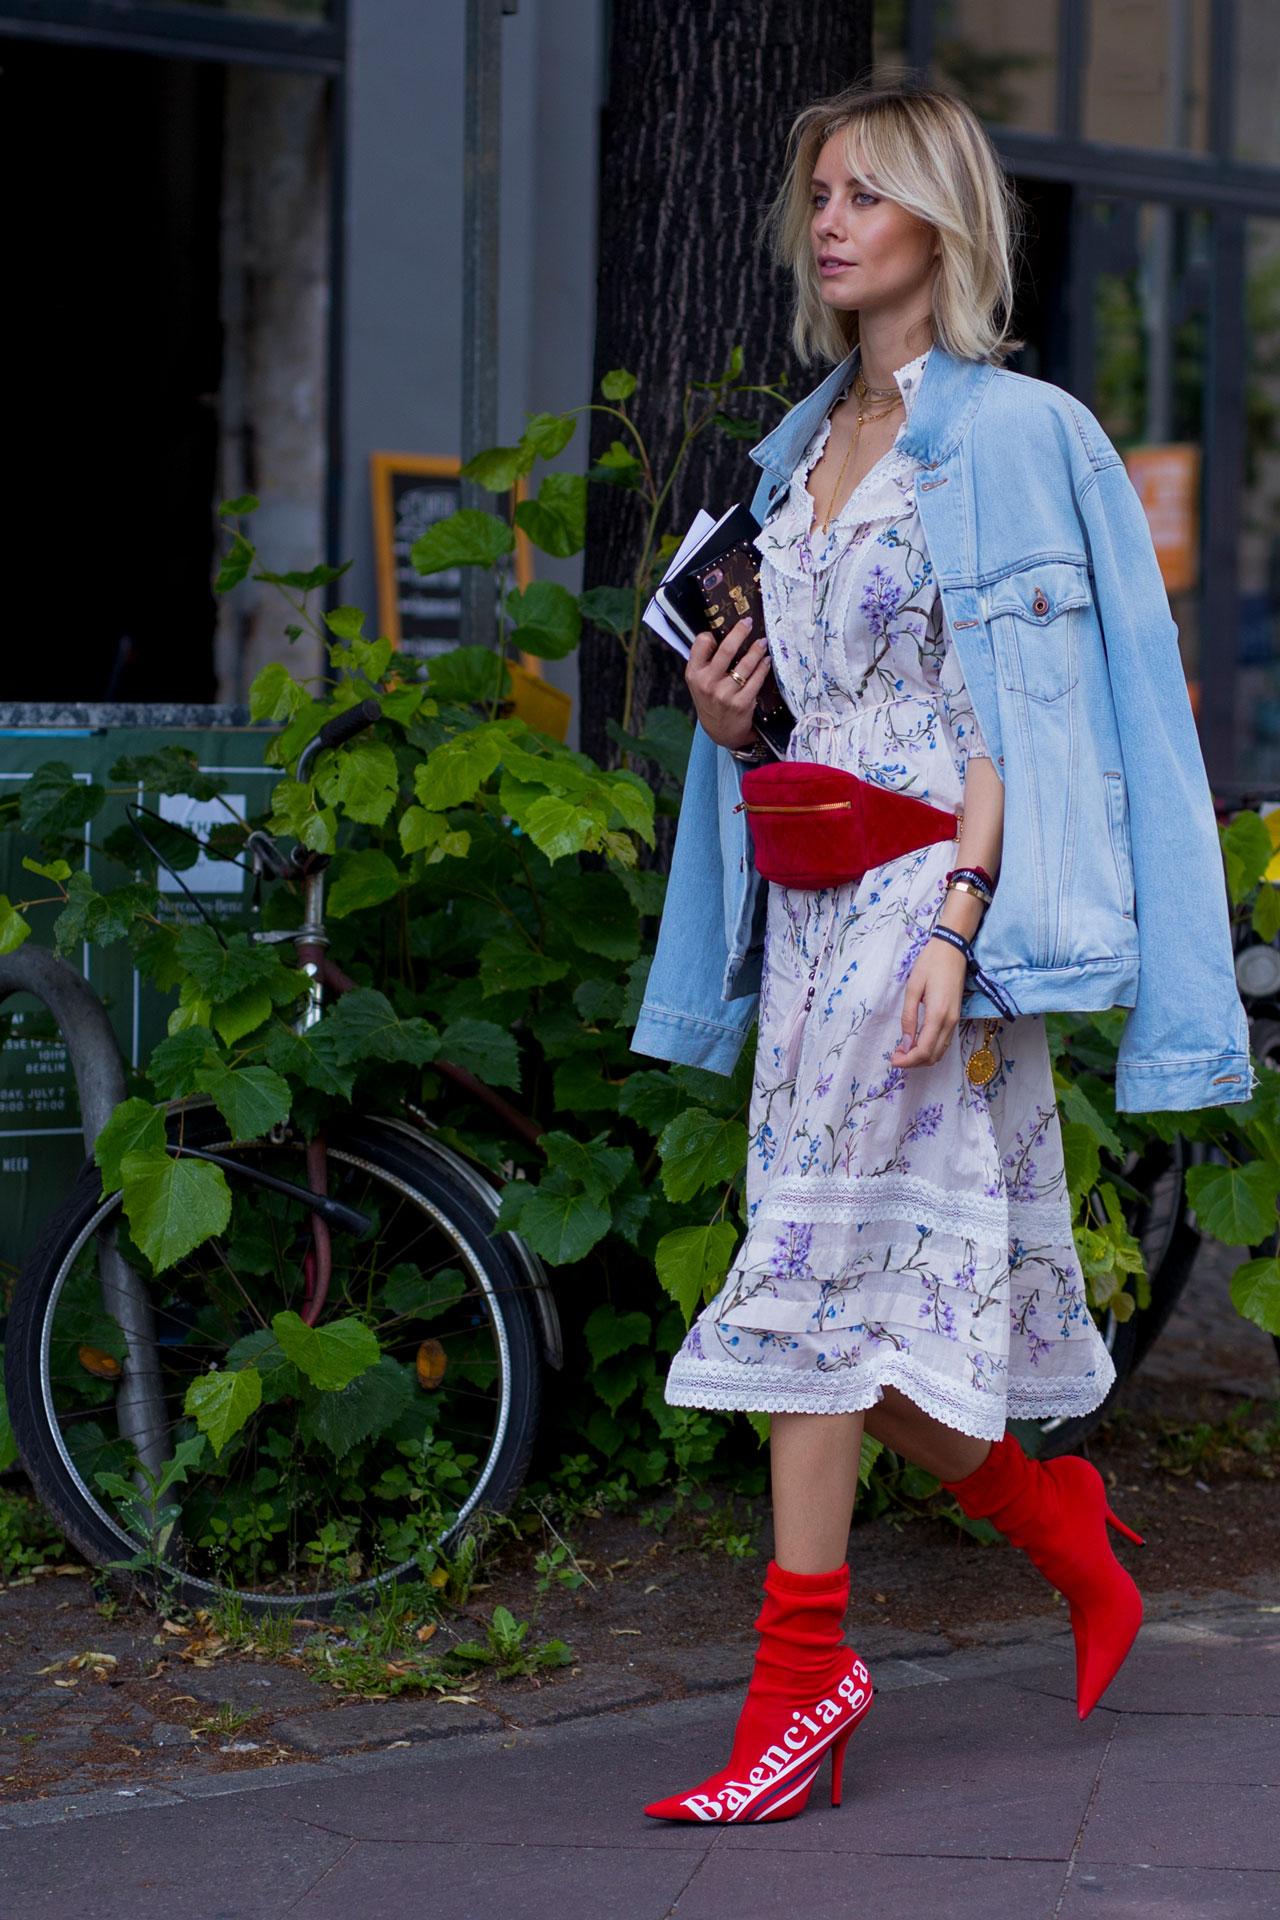 luxussachen-blog-lisa